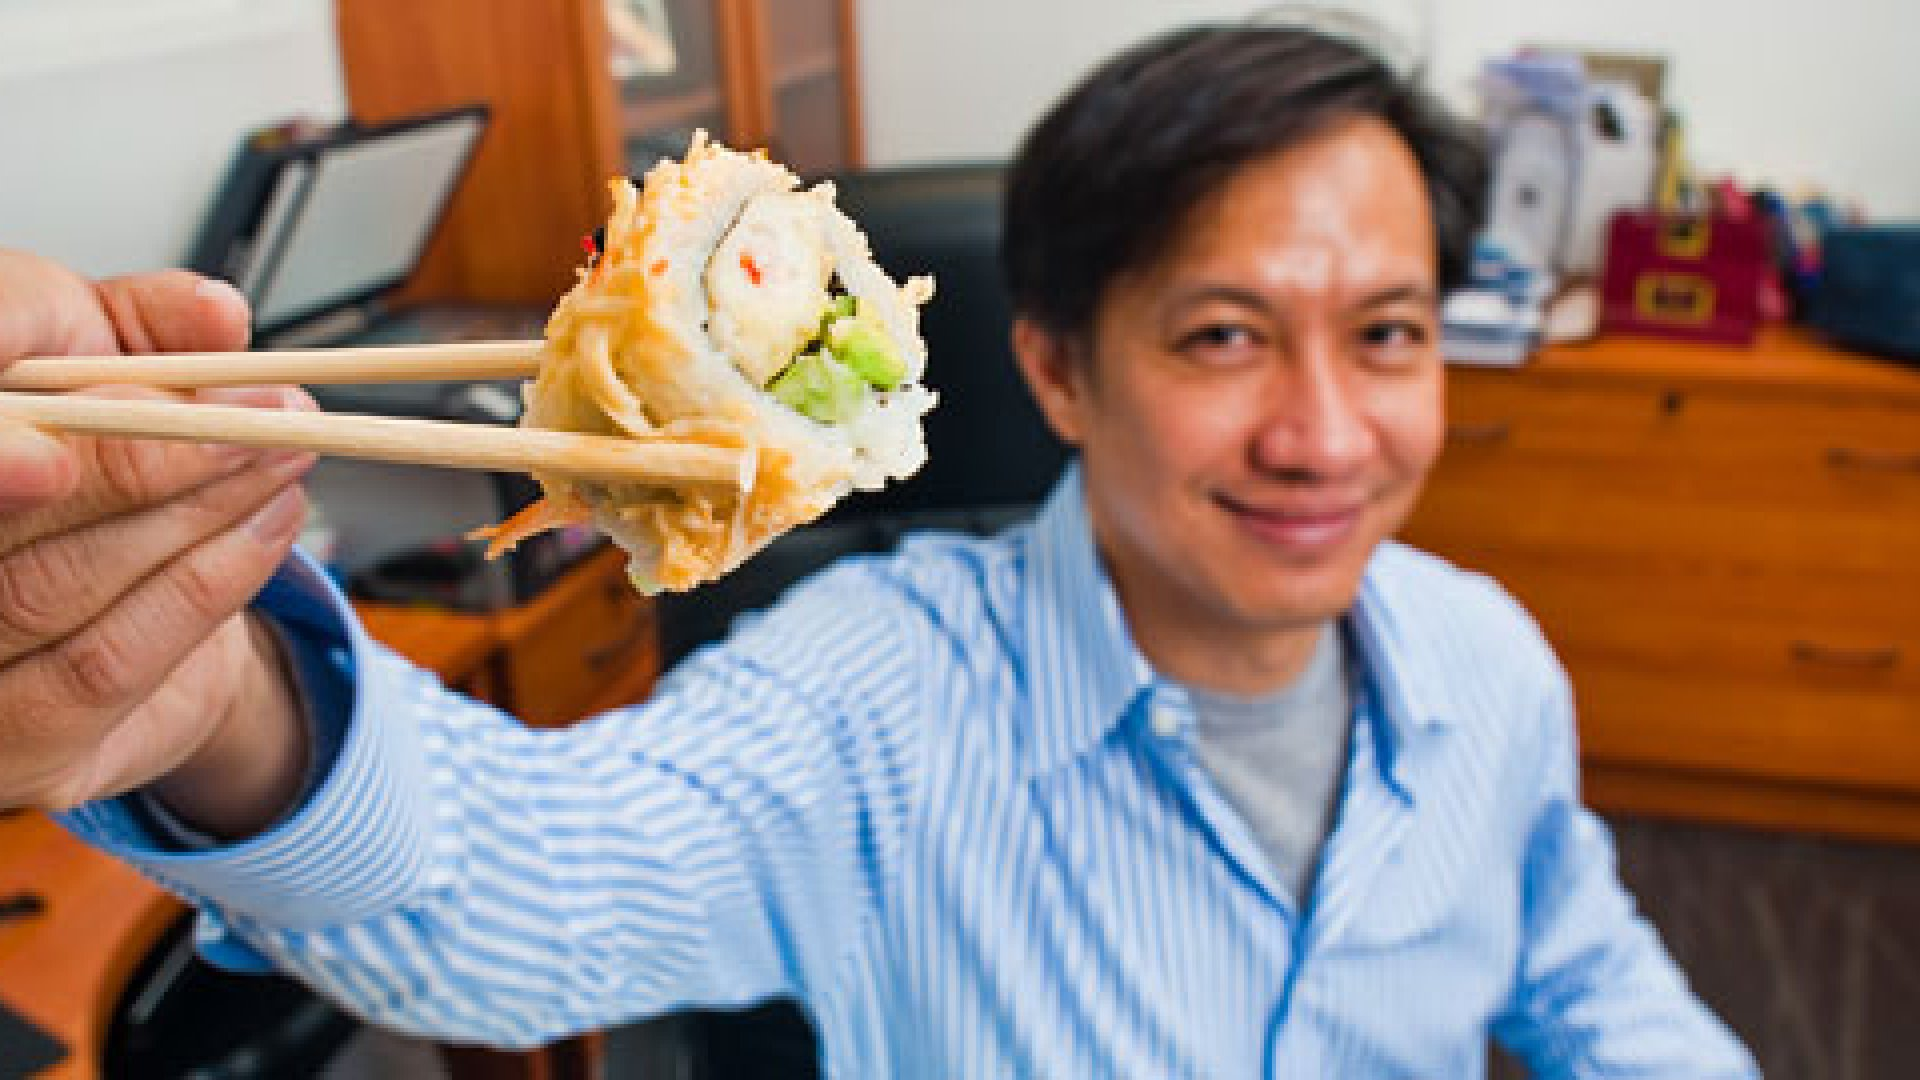 Philip Maung, is the founder of Charlotte, North Carolina-based franchise Hissho Sushi.